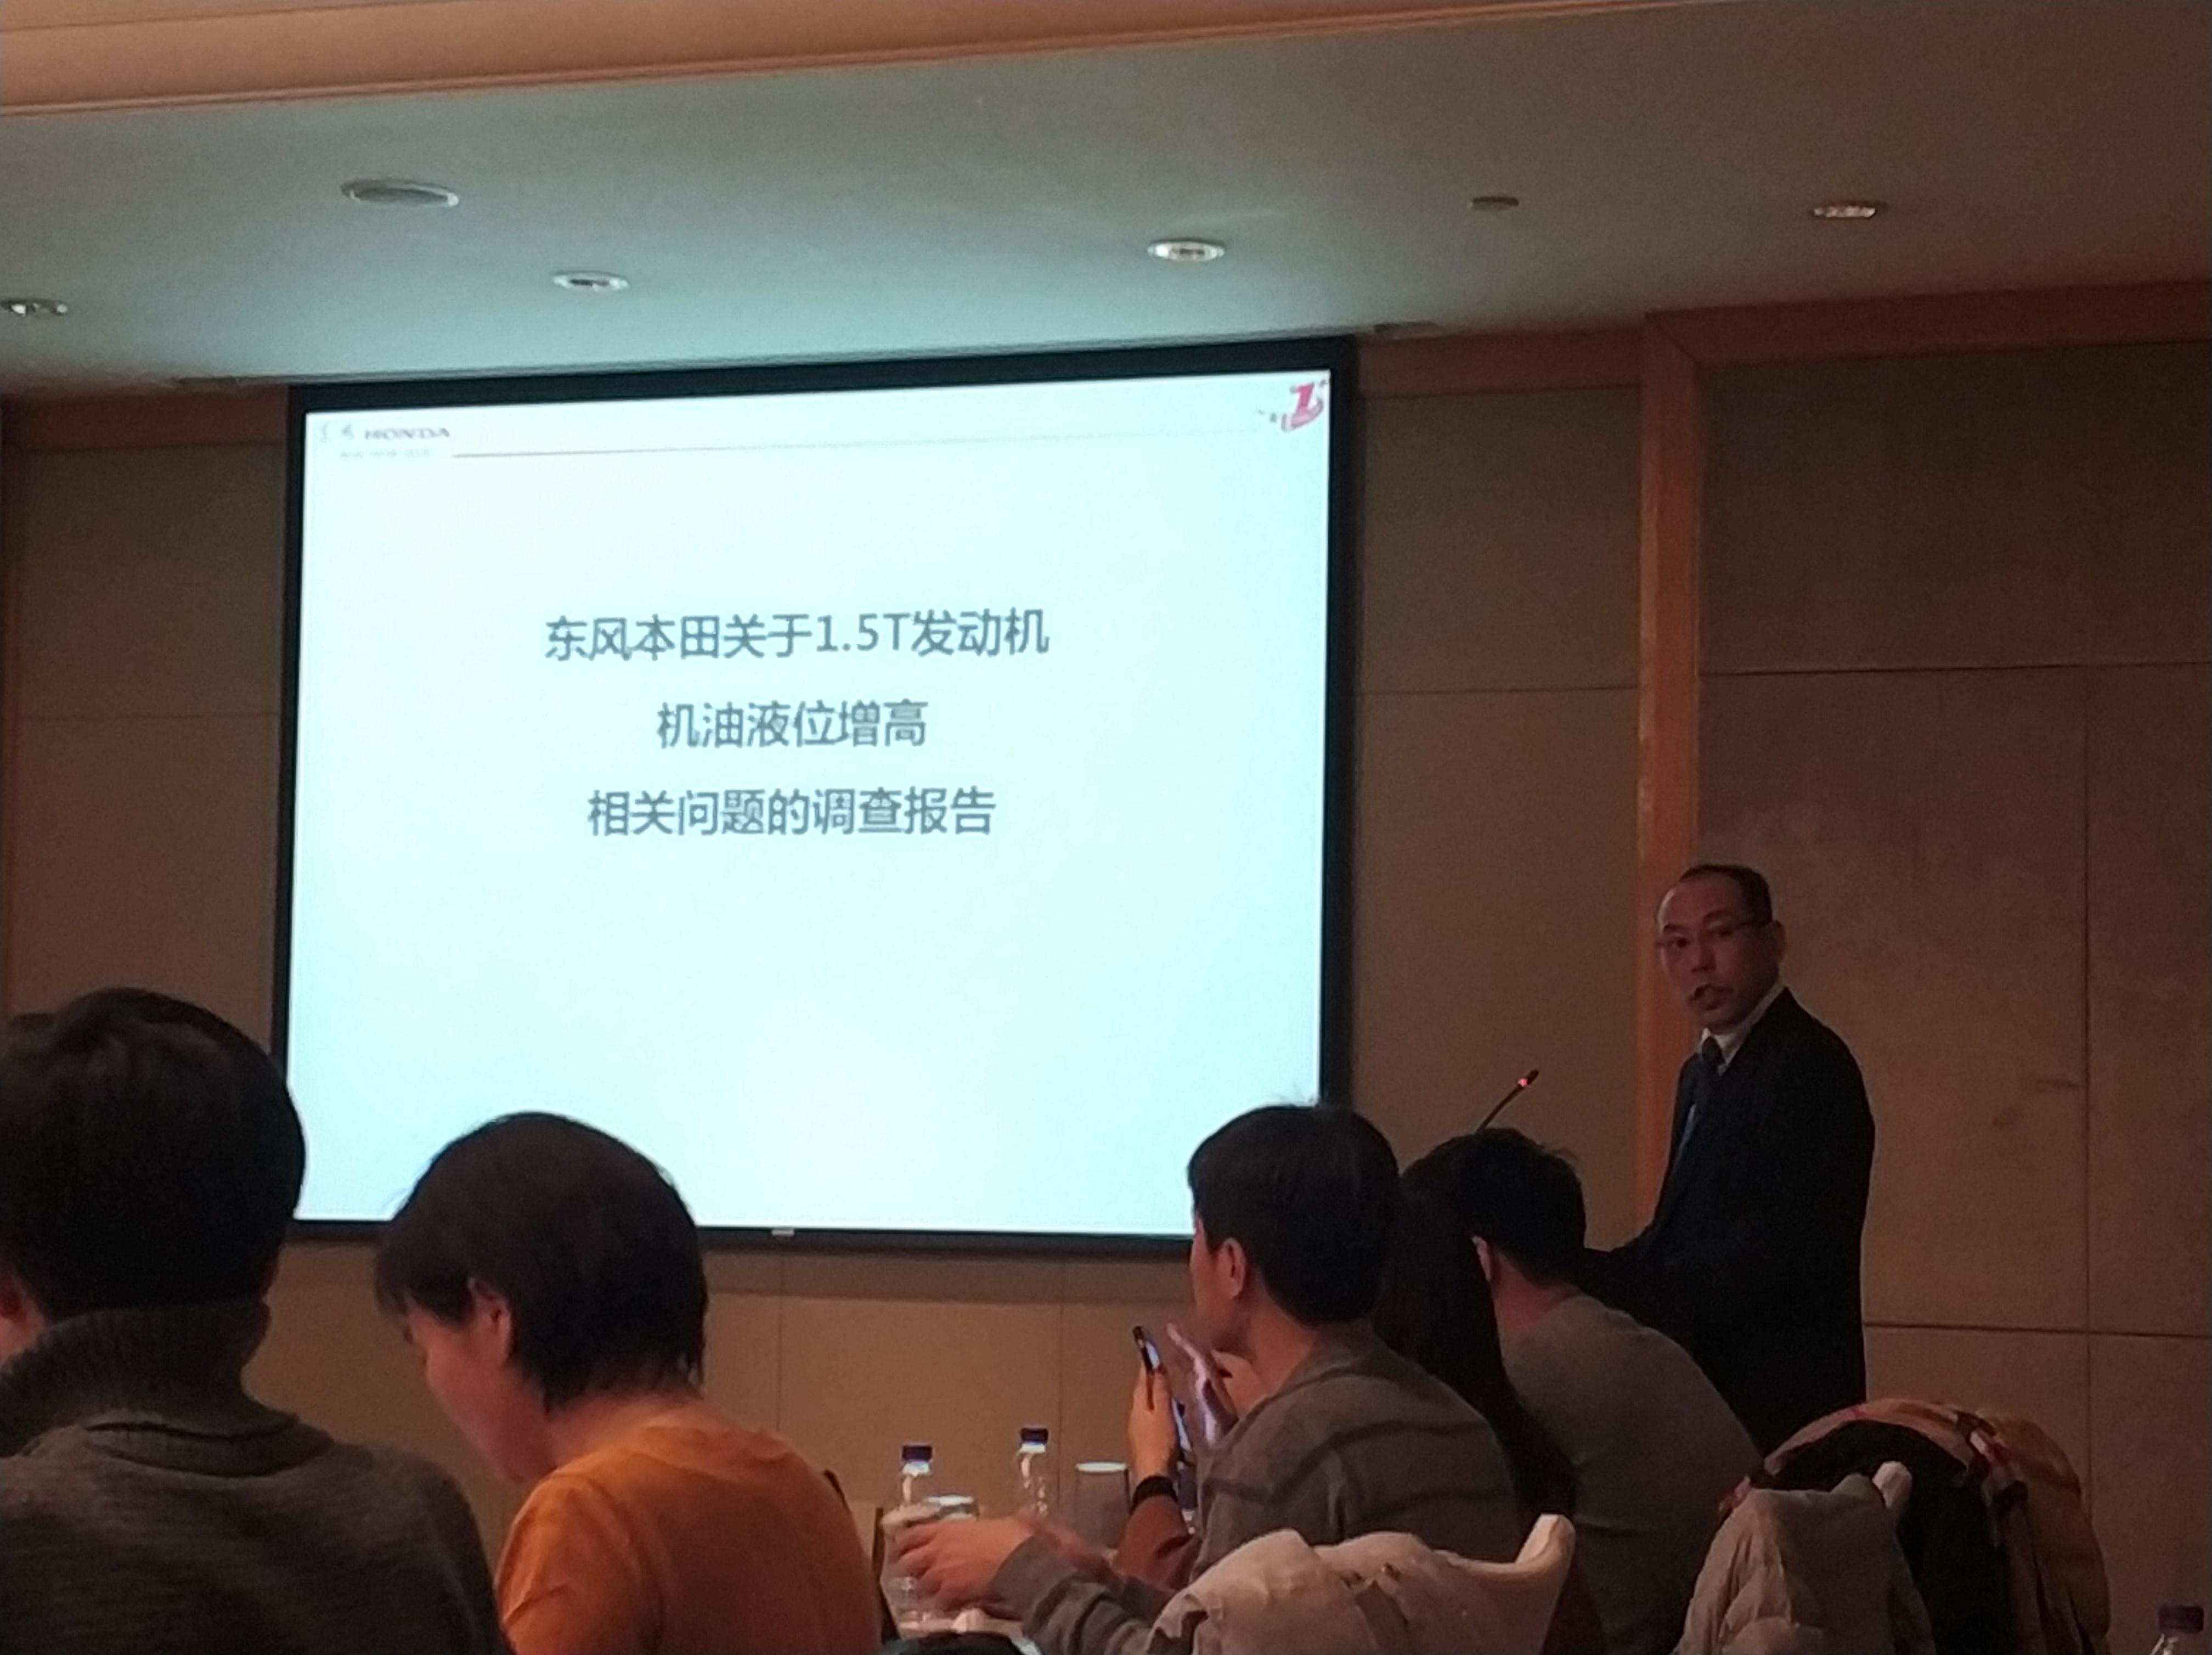 东风本田针对机油液体增高公布解决办法 2月底开始召回CR-V